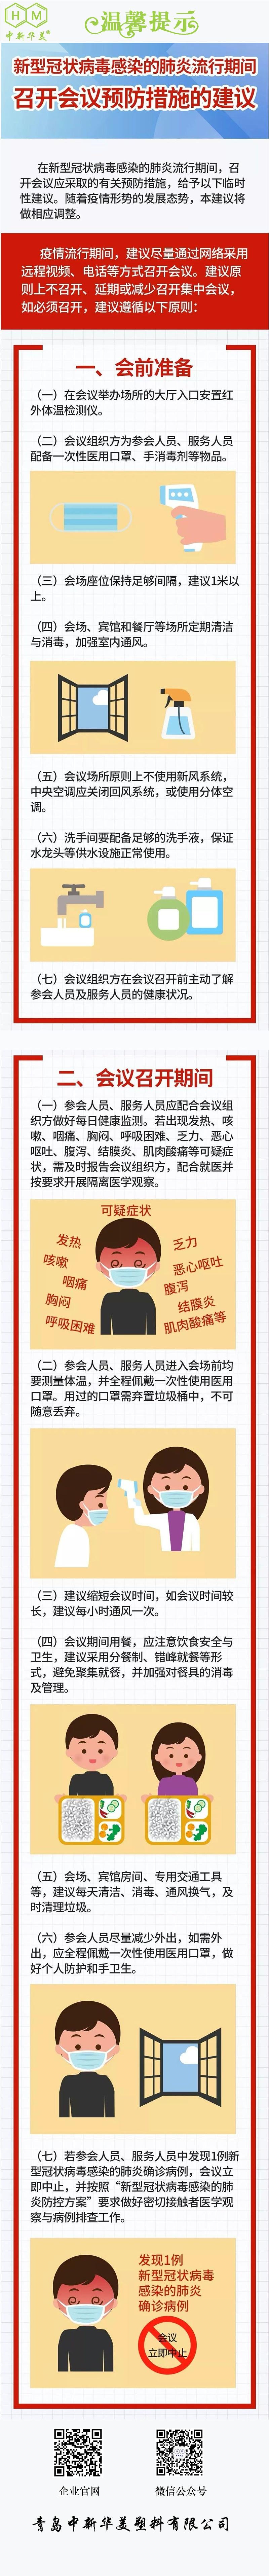 中新华美改性塑料:新型冠状病毒感染的肺炎流行期间召开会议预防措施